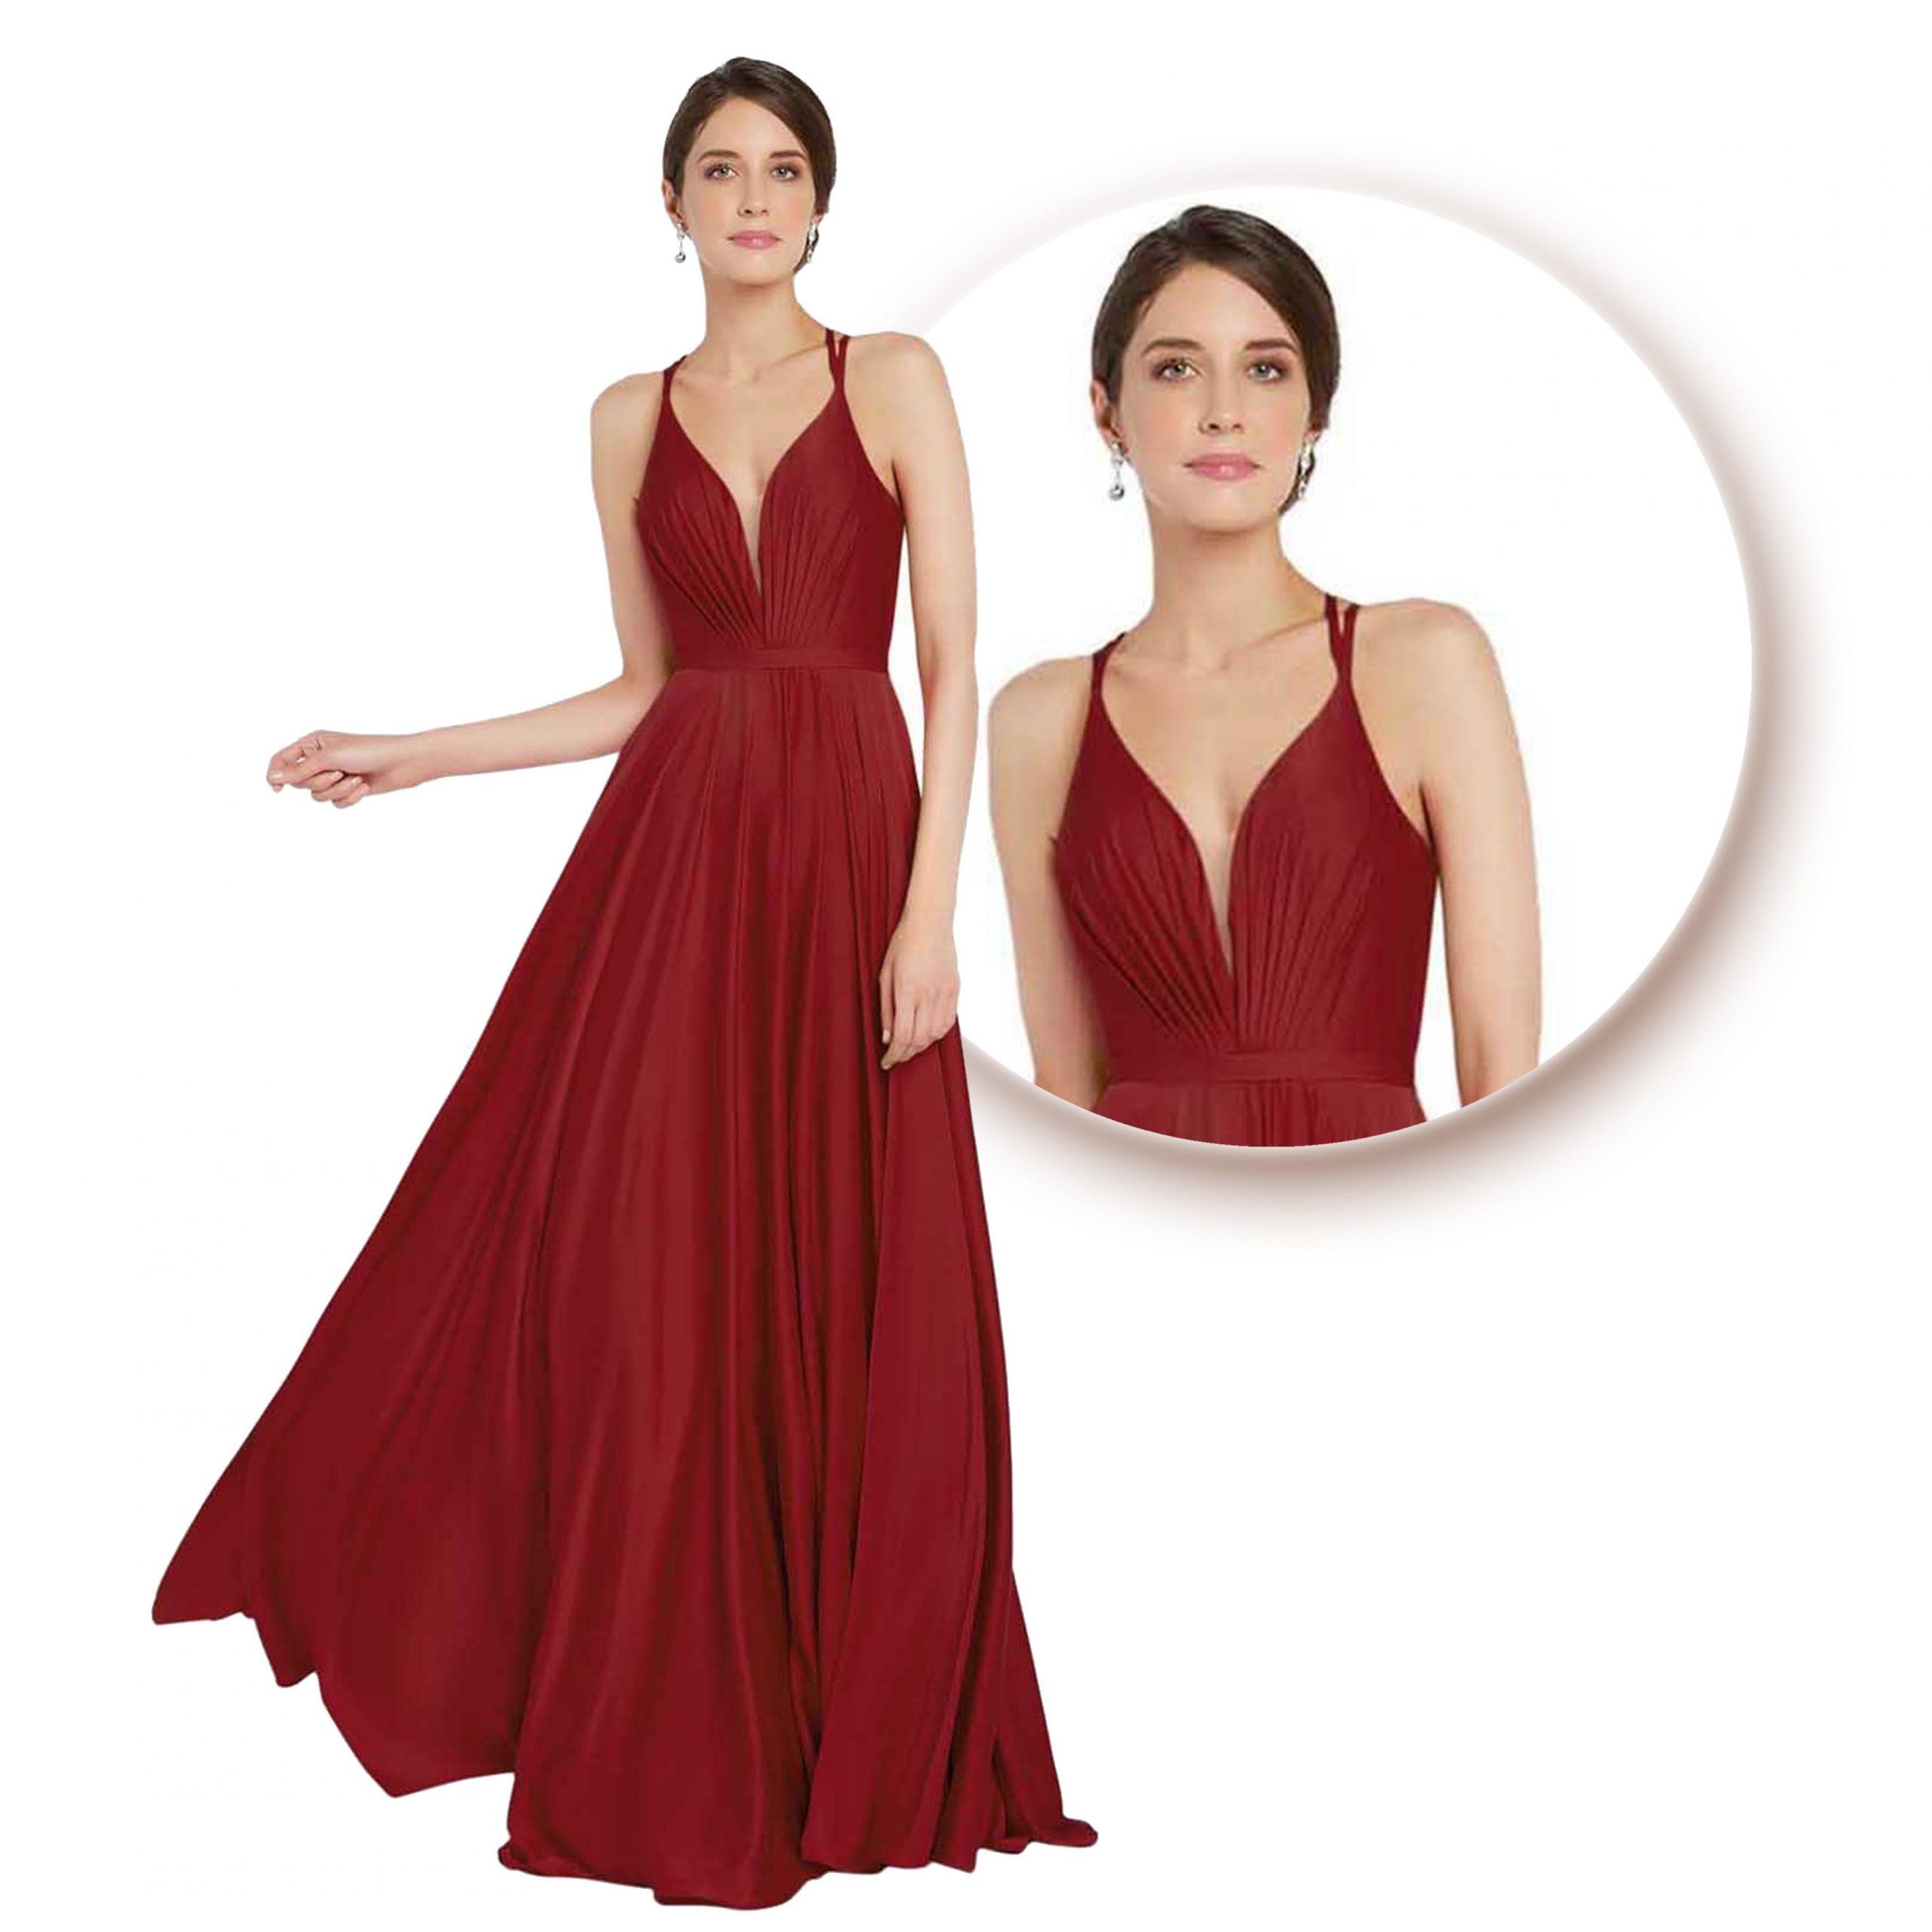 20 Fantastisch Abend Kleid In Hamburg Boutique17 Wunderbar Abend Kleid In Hamburg Spezialgebiet